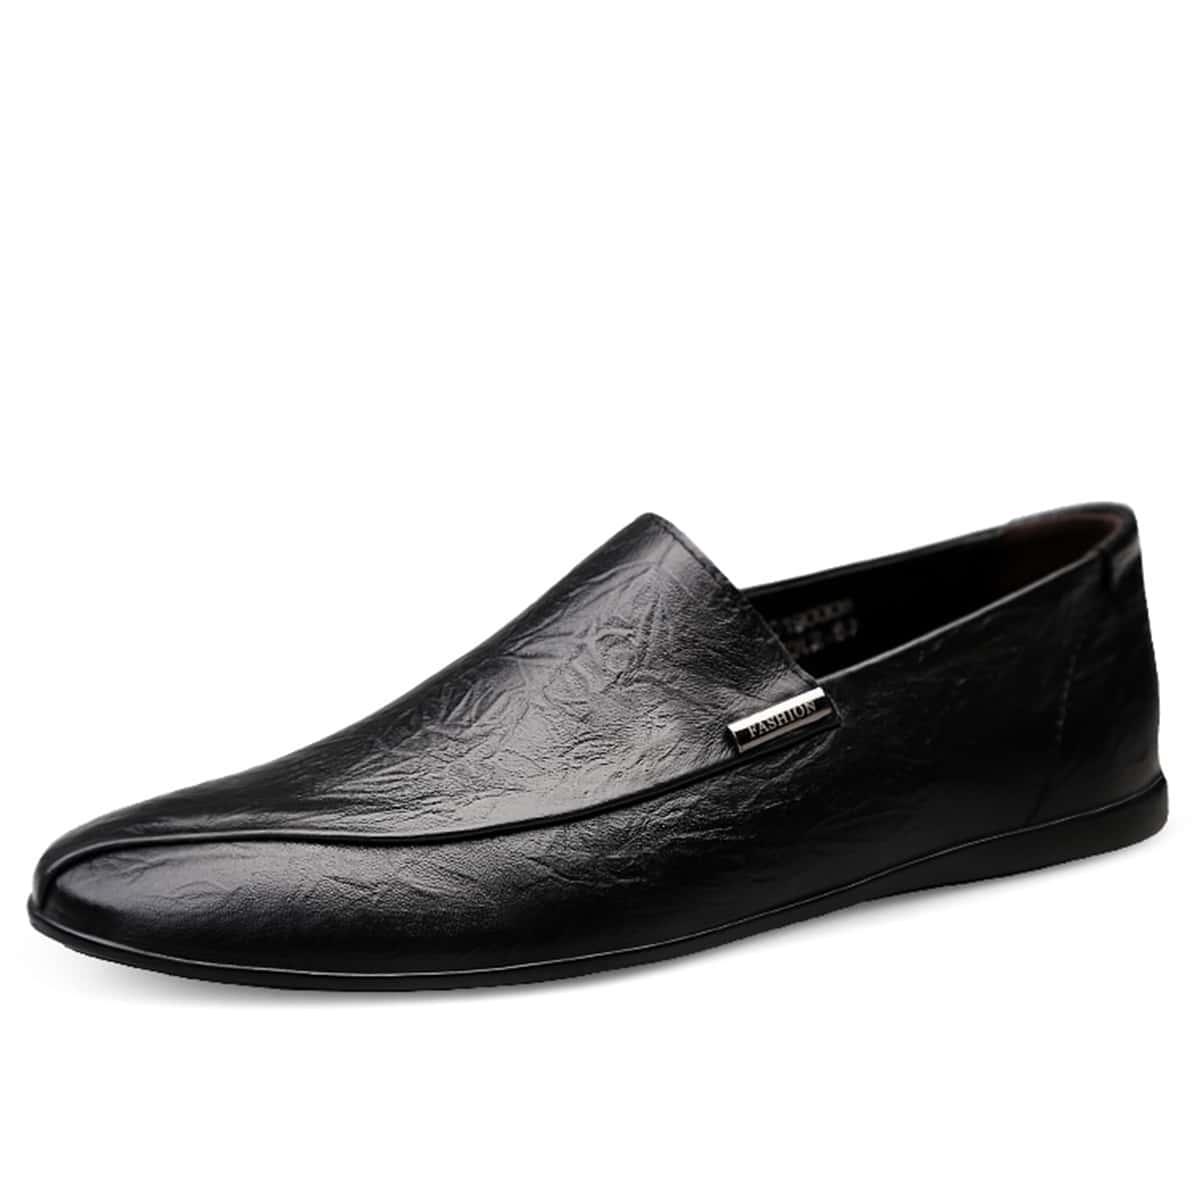 أحذية بدون كعب رجالية